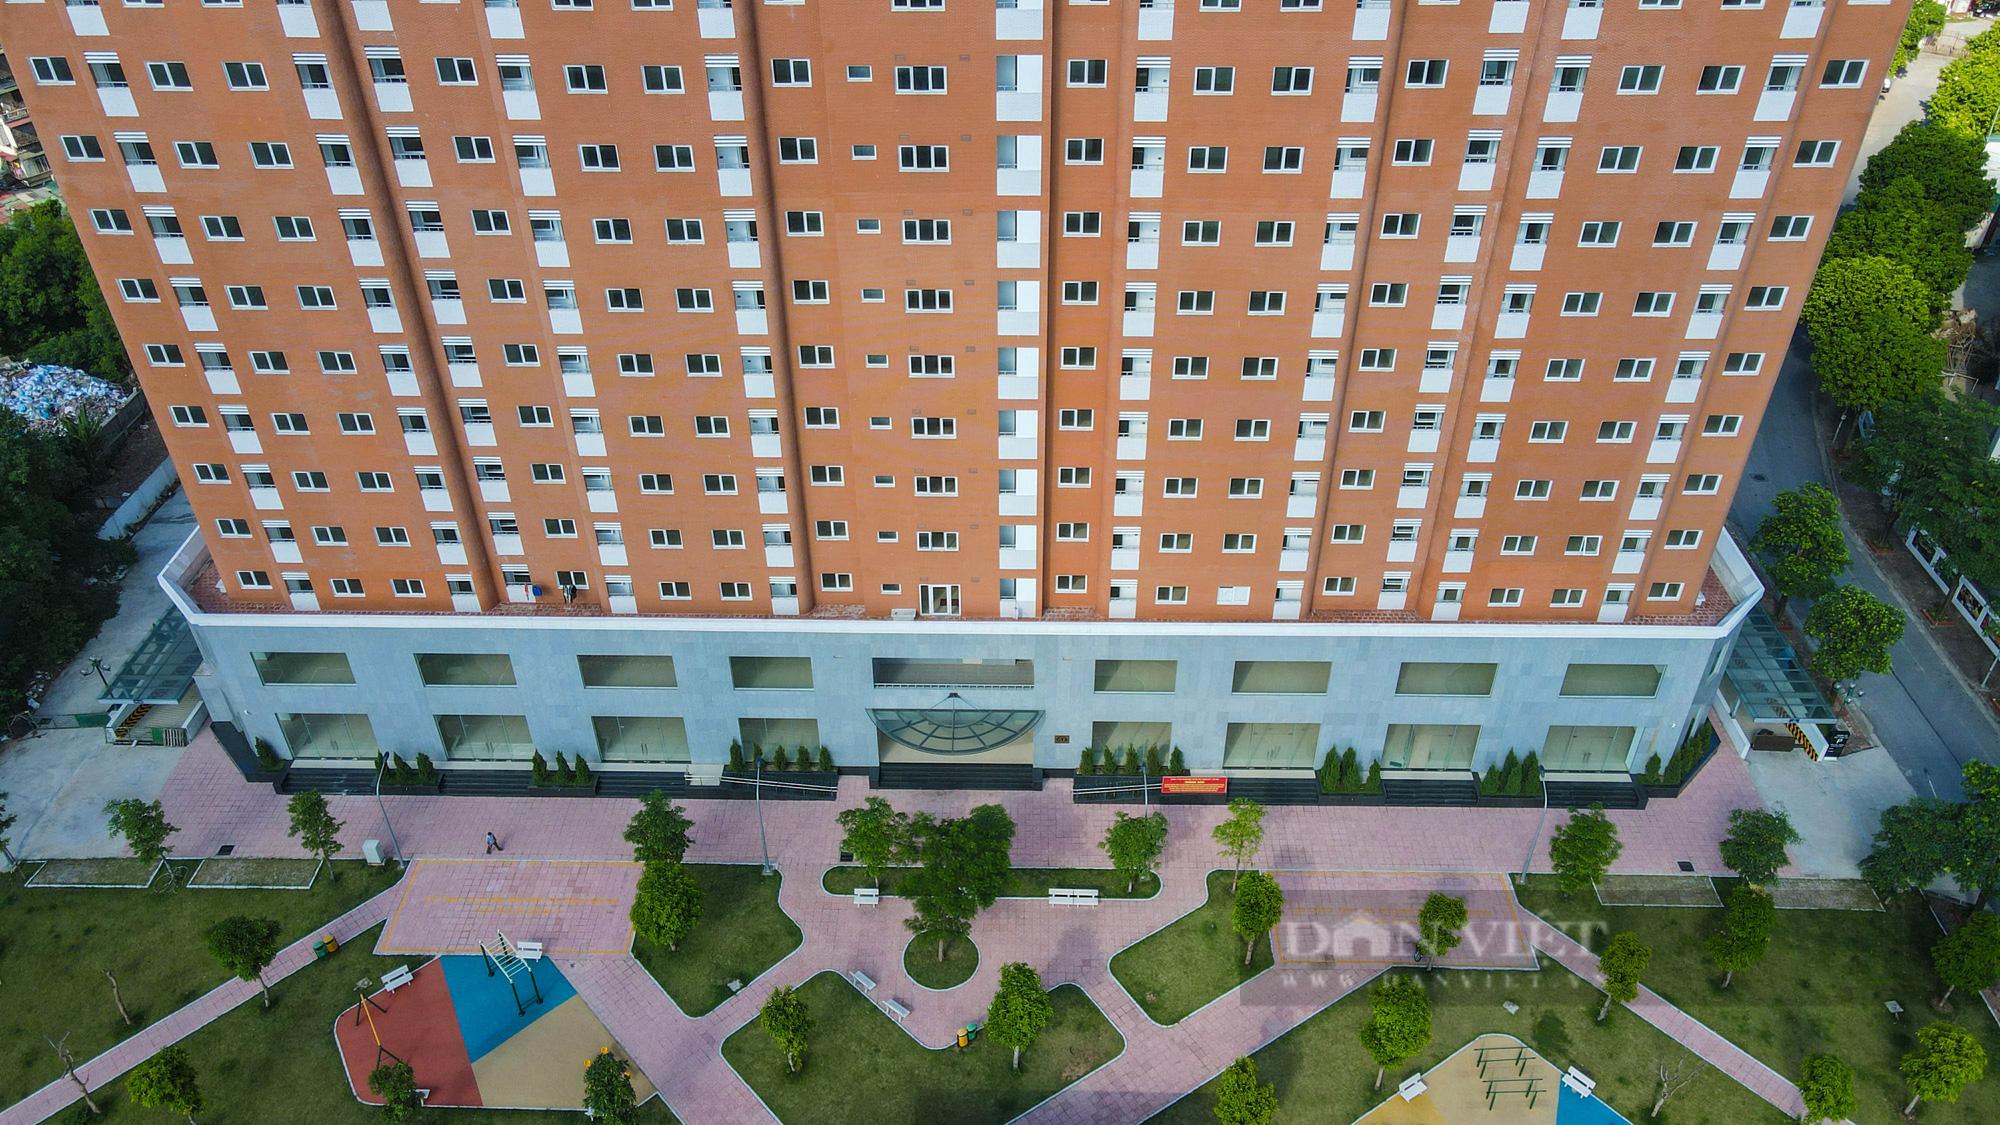 Điểm qua các khu nhà tái định cư được trưng dụng là bệnh viện dã chiến tại Hà Nội - Ảnh 3.